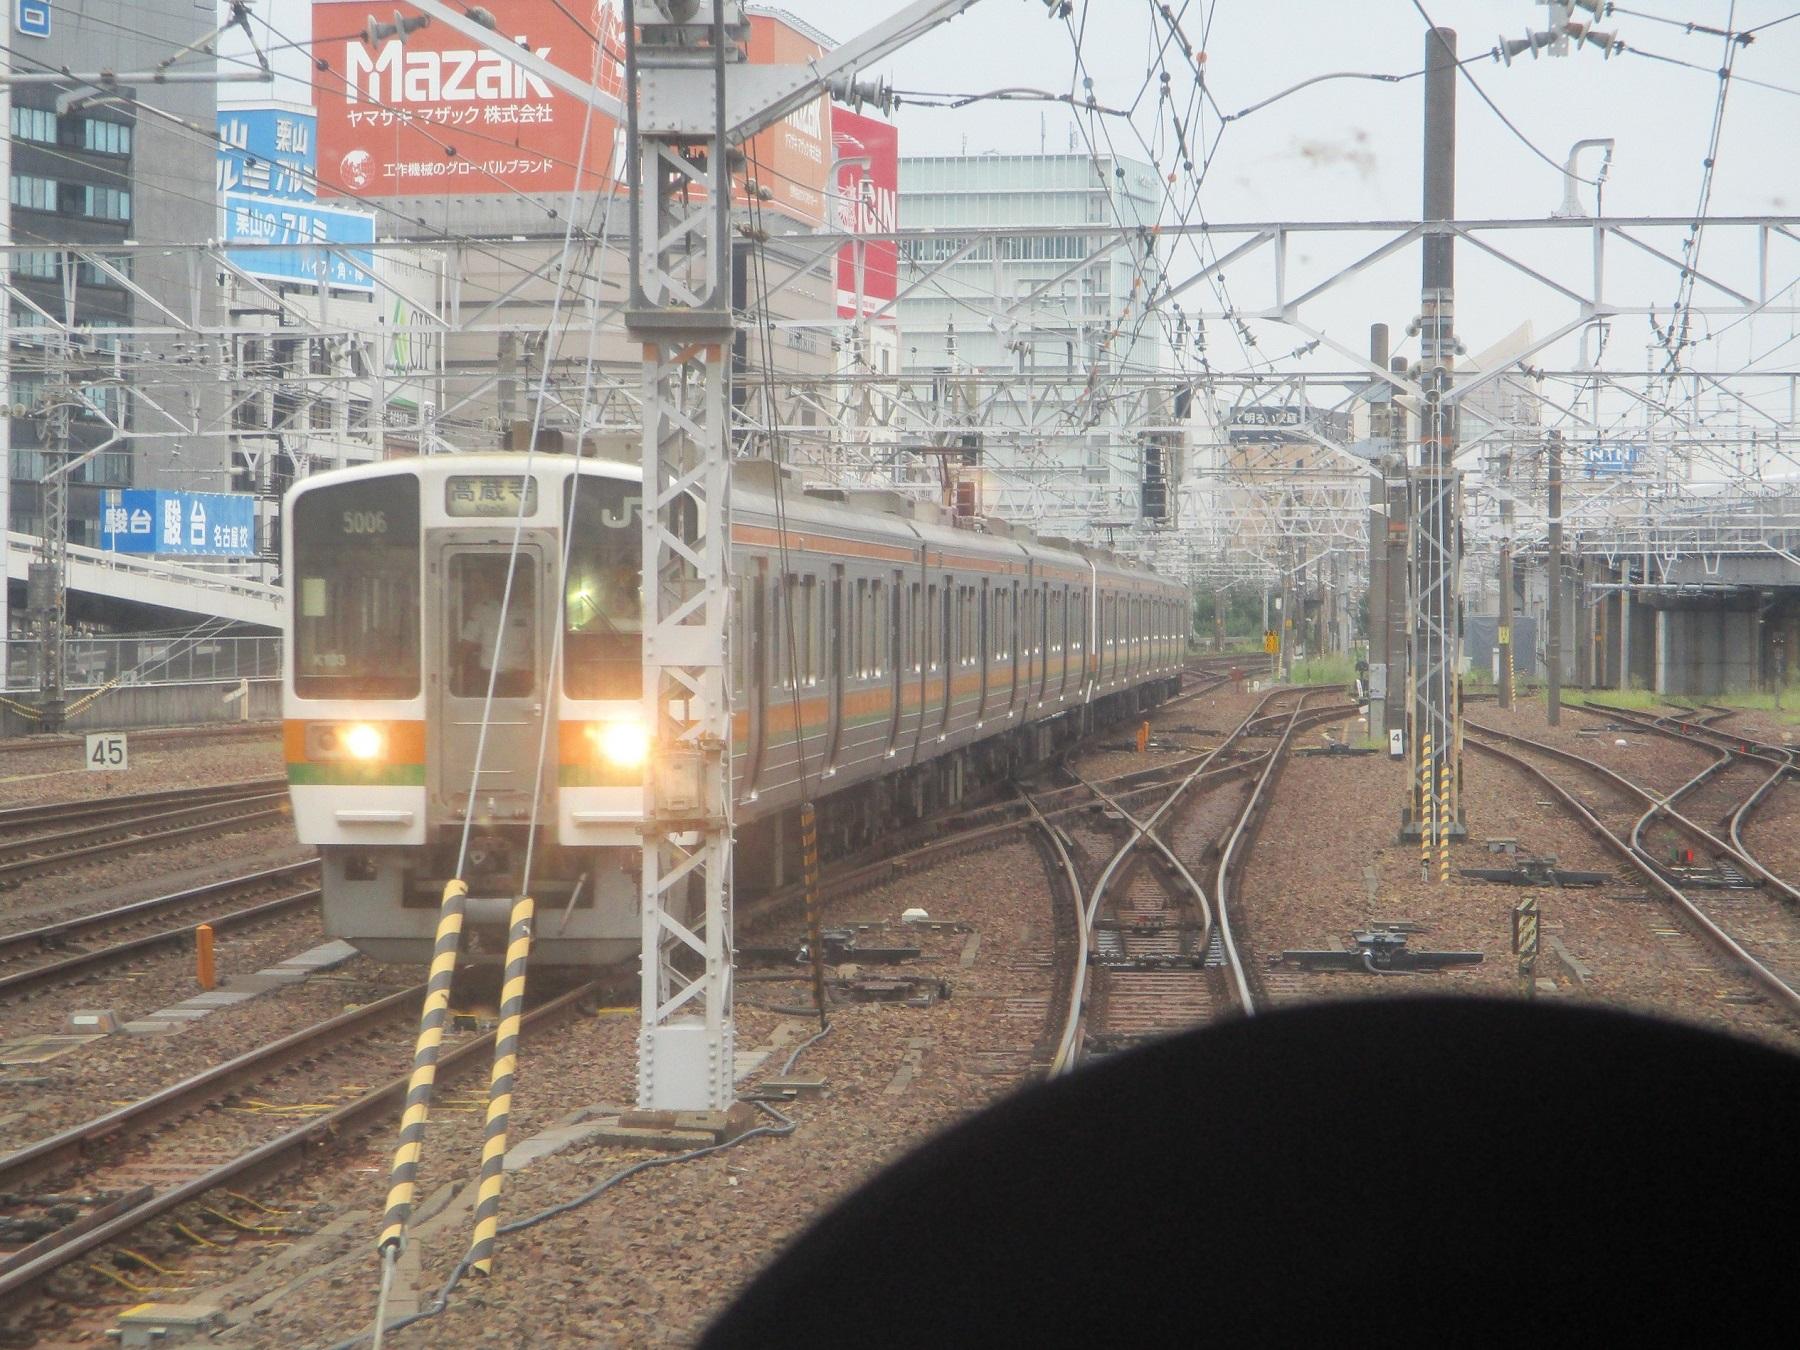 2019.9.18 (13) 四日市いきふつう - 名古屋八田間(中央線電車) 1800-1350